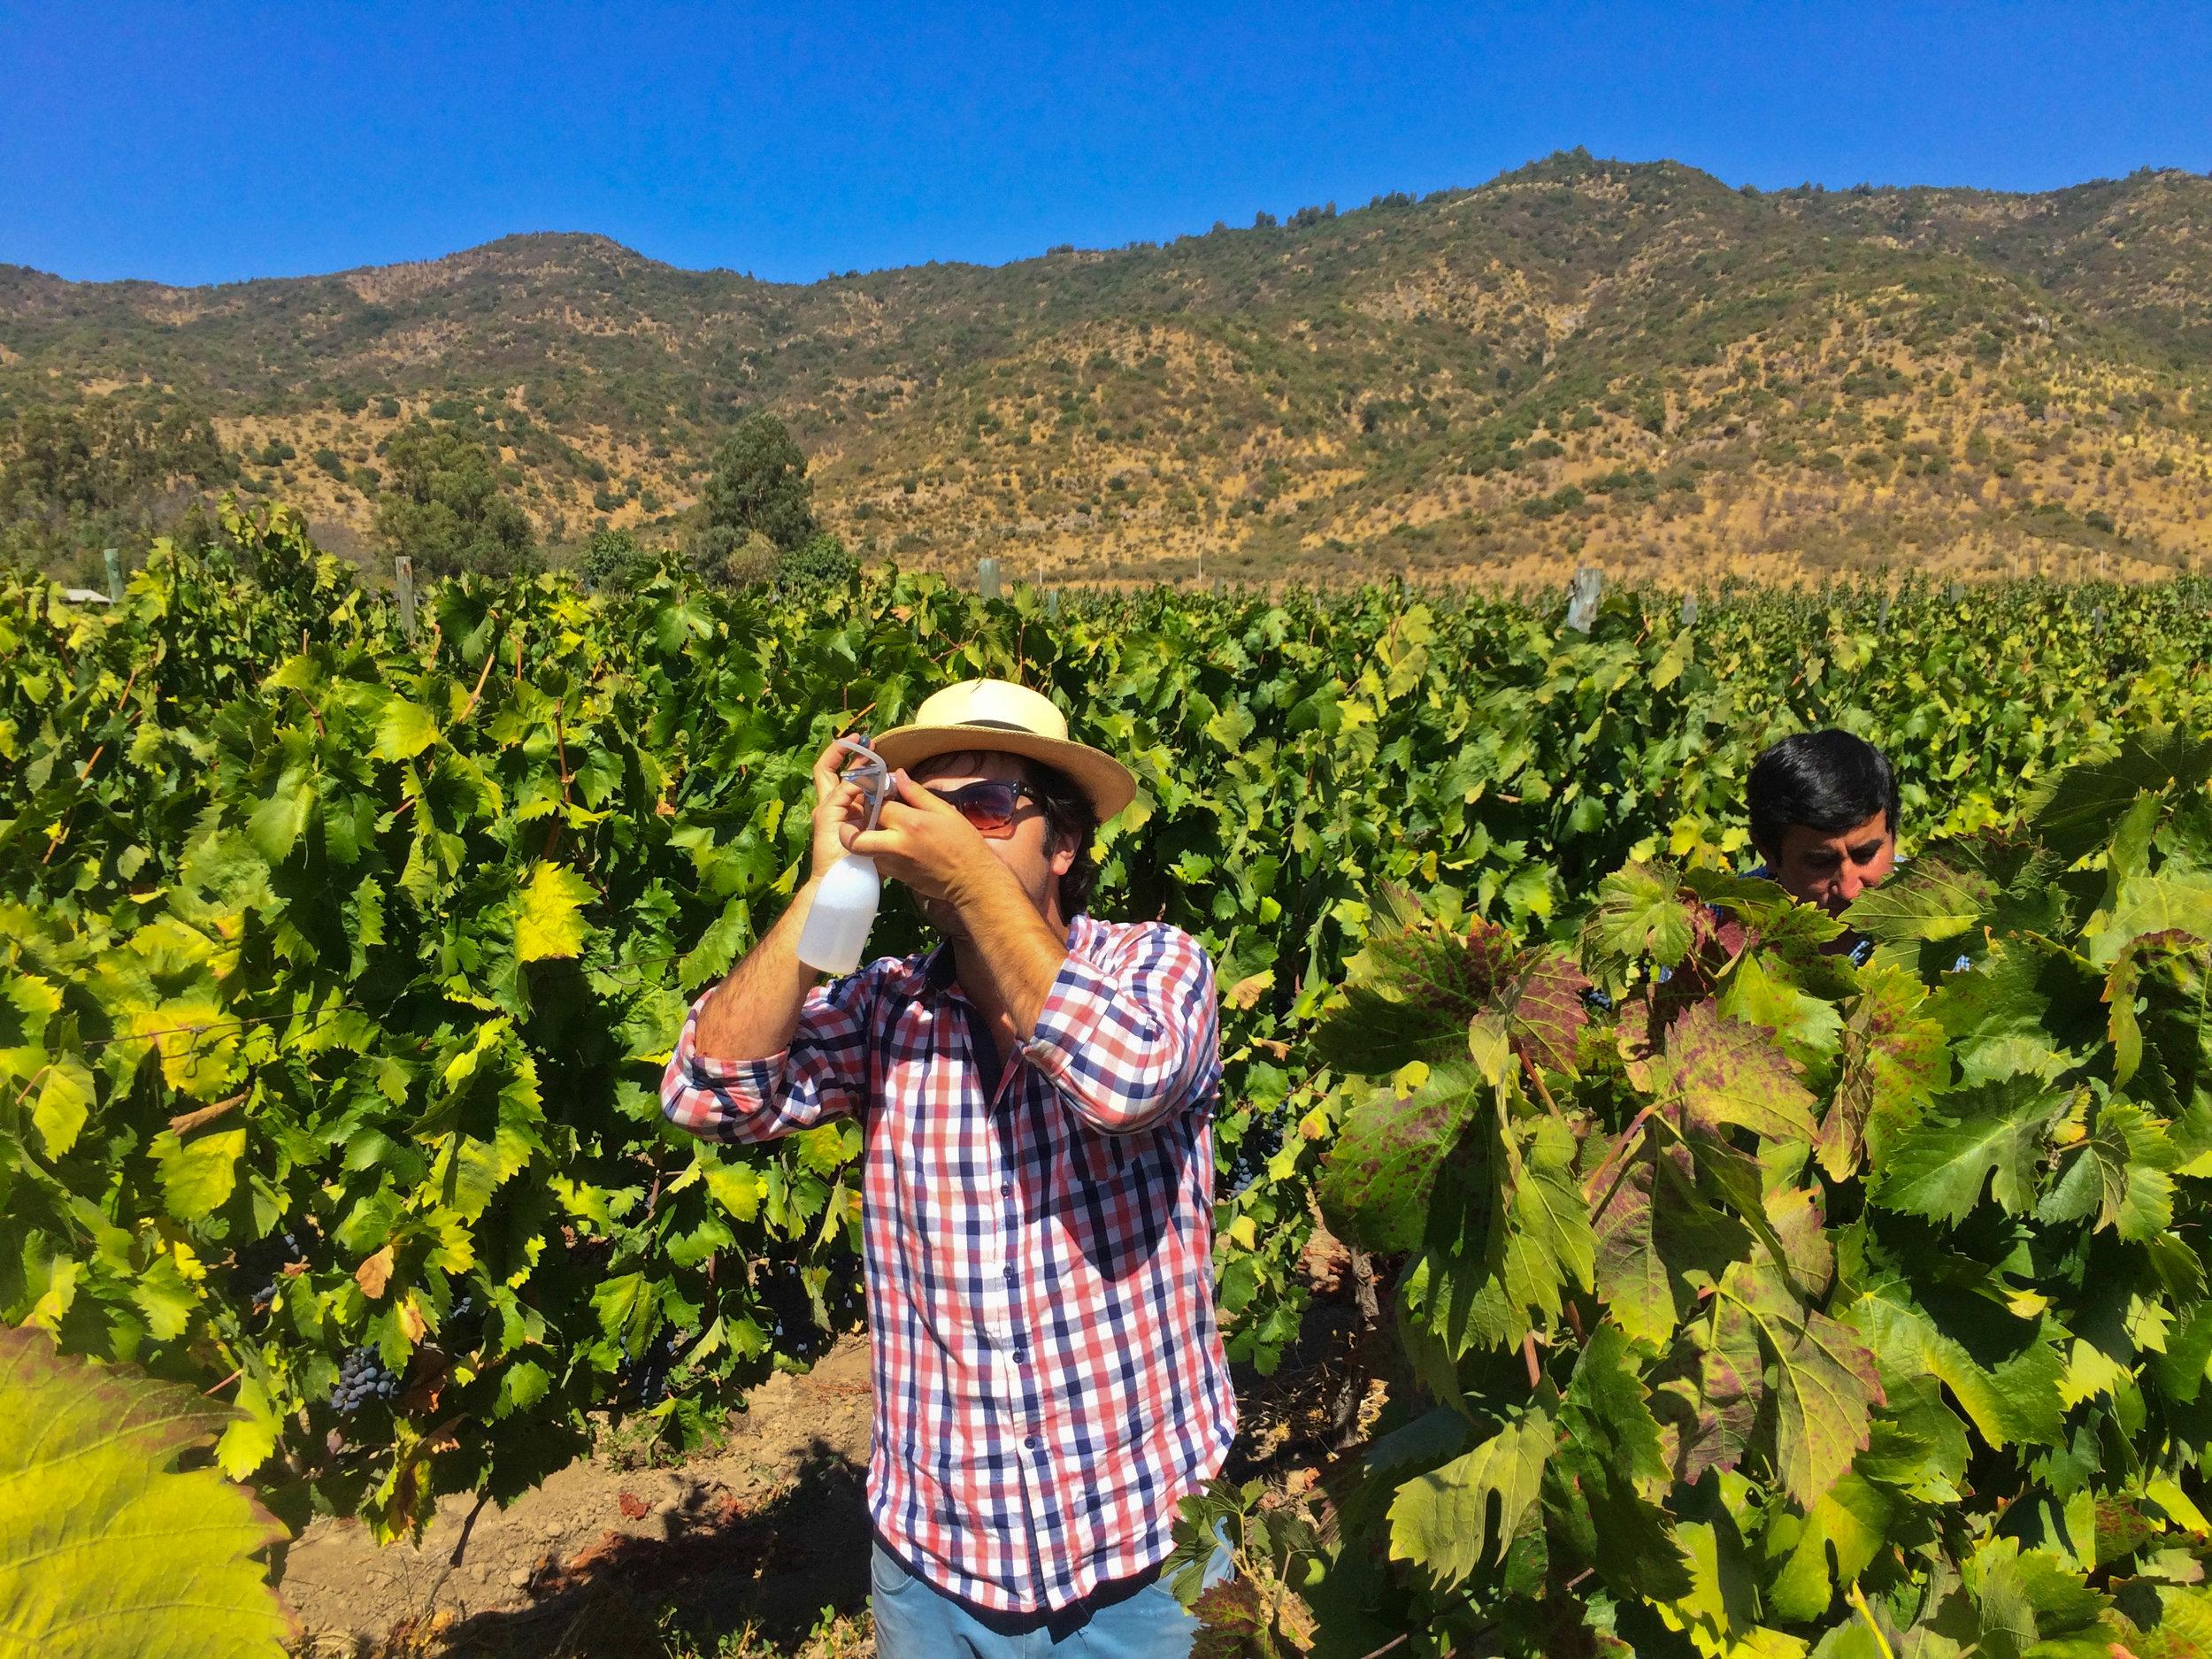 Pancho checkt het suikergehalte van de carignan druiven